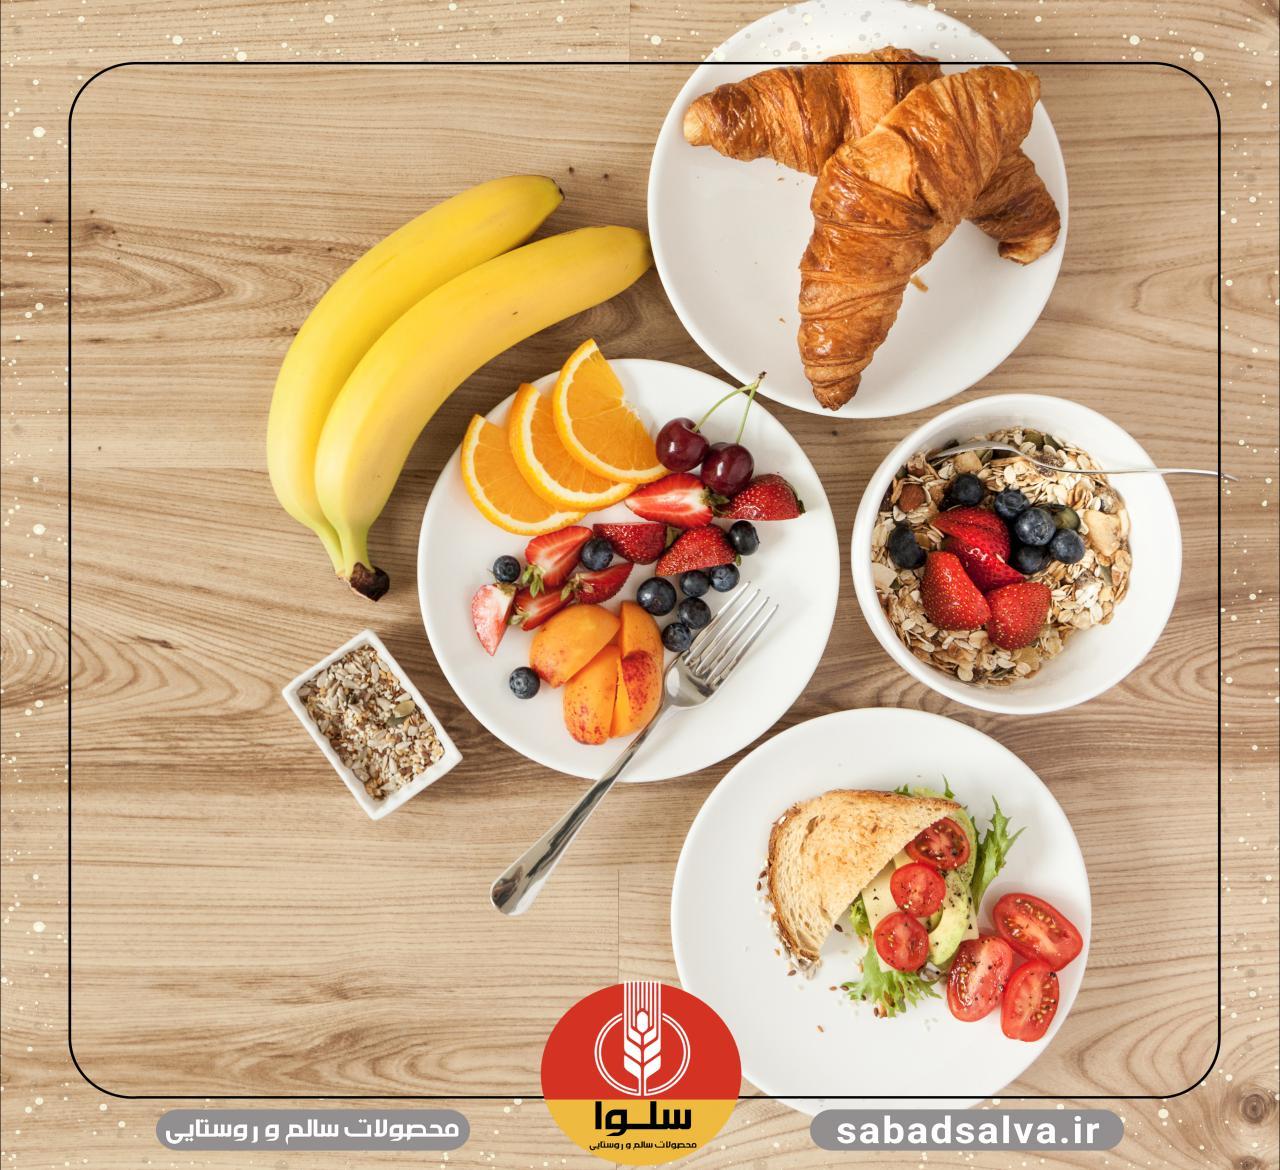 11 پیشنهاد برای صبحانه سالم + فیلم